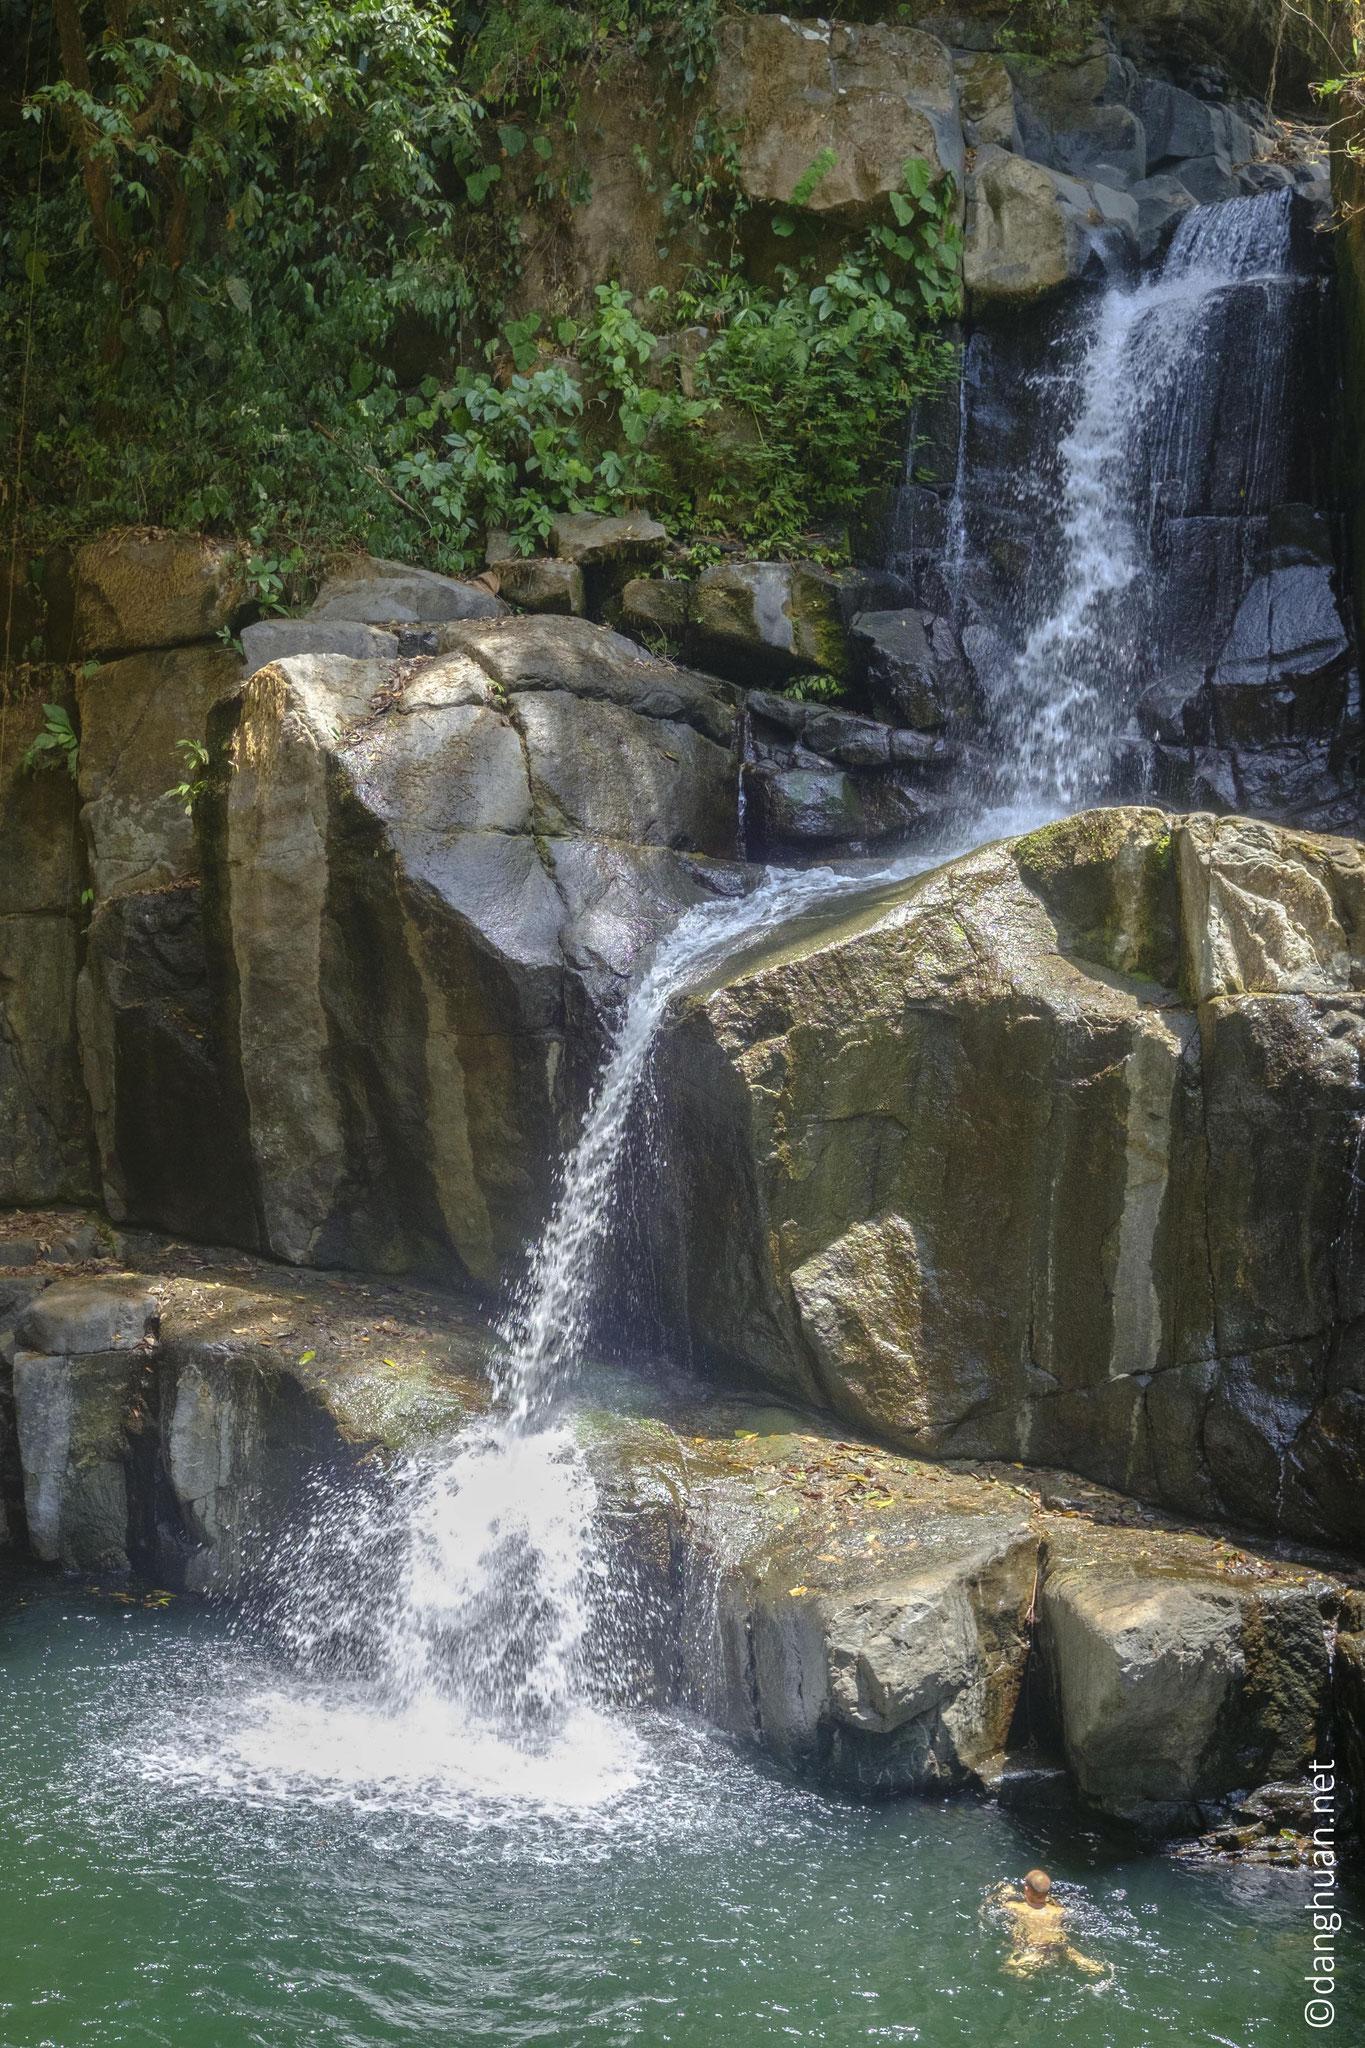 La cascade La Raiz située dans la réserve naturelle de la Ceiba : entourée de rochers et de jungle, c'est une piscine naturelle de 10m de profondeur